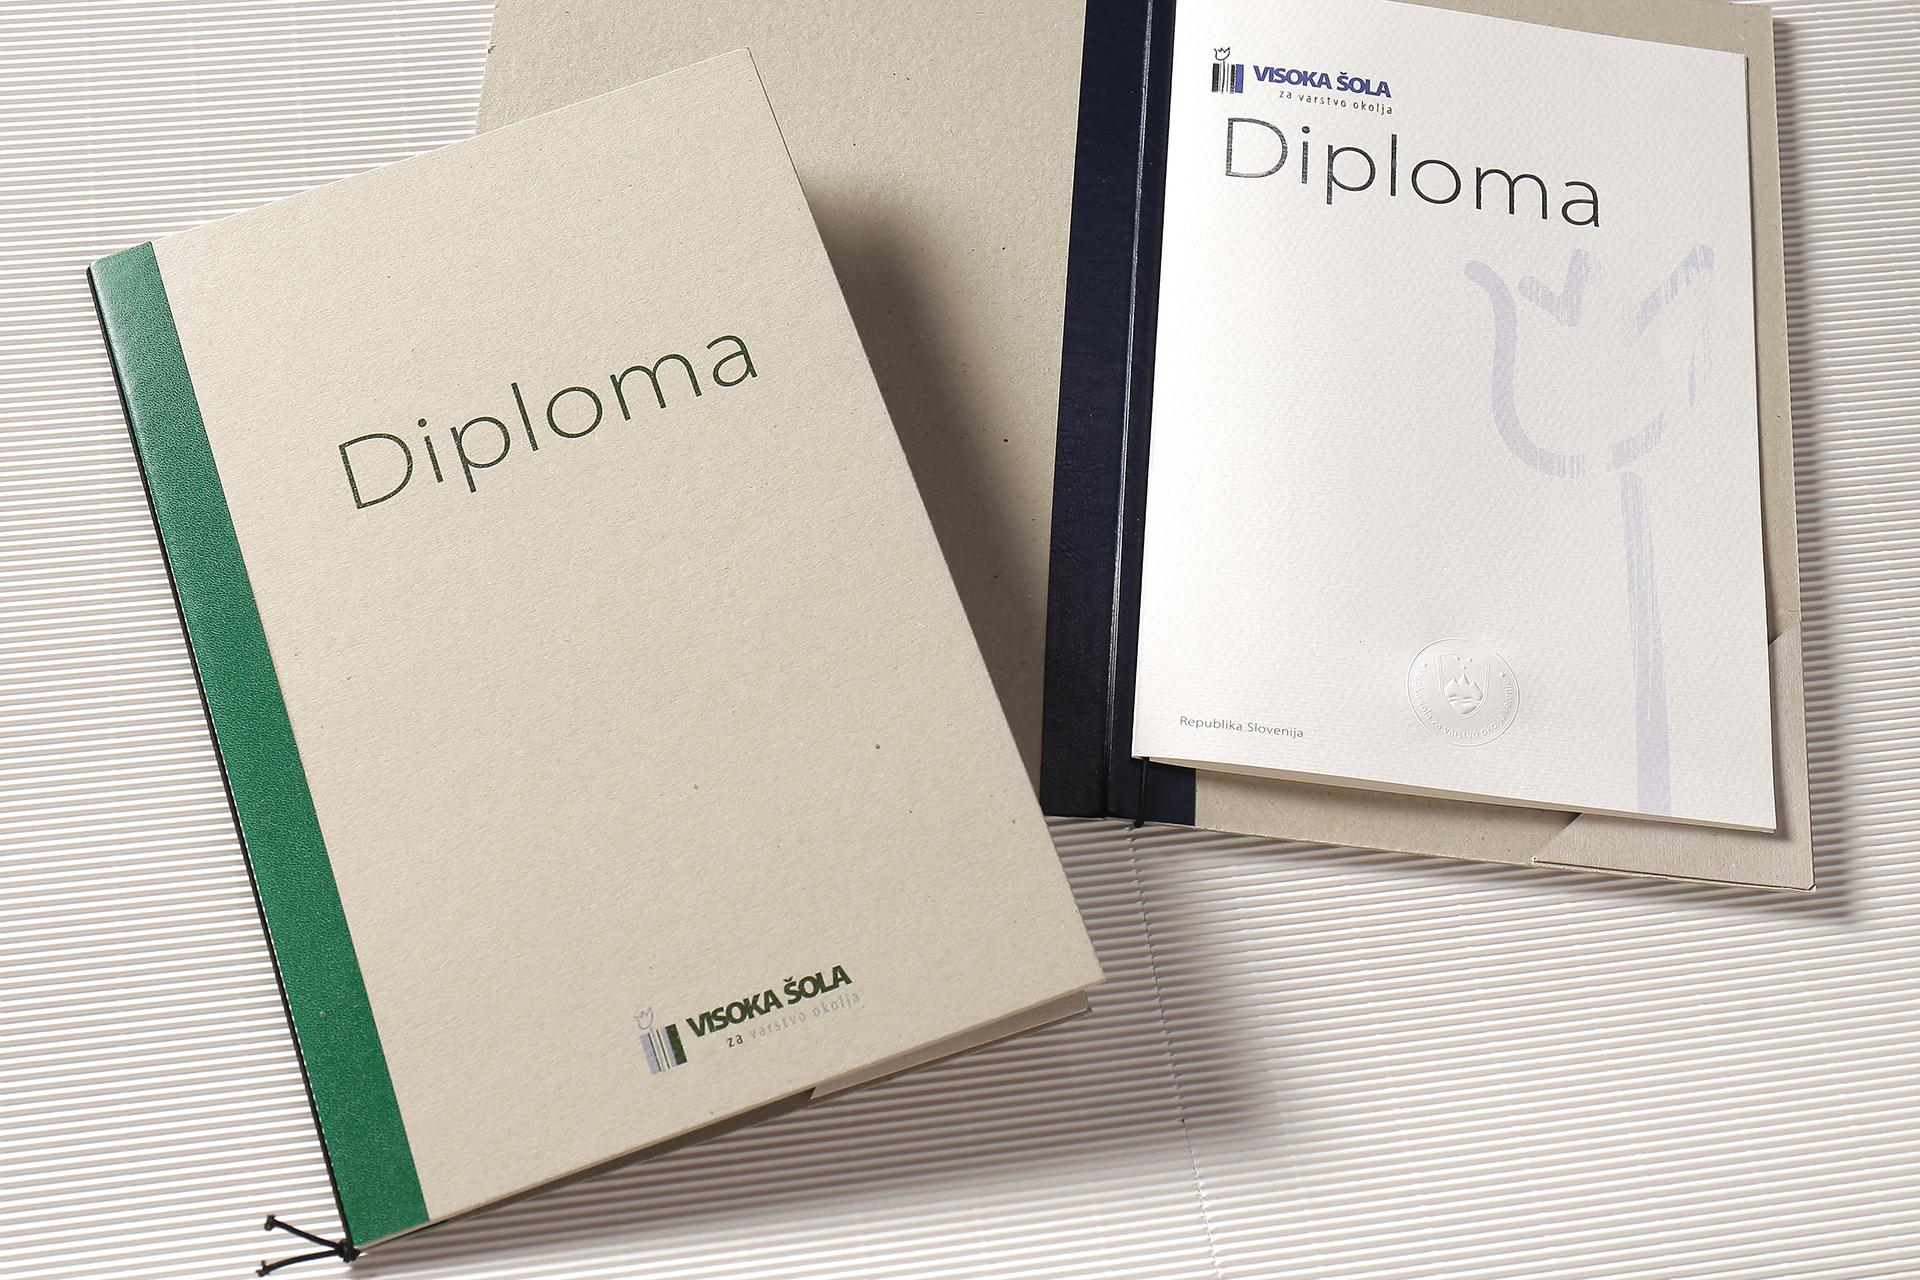 vsvo_diploma_vsvo_1